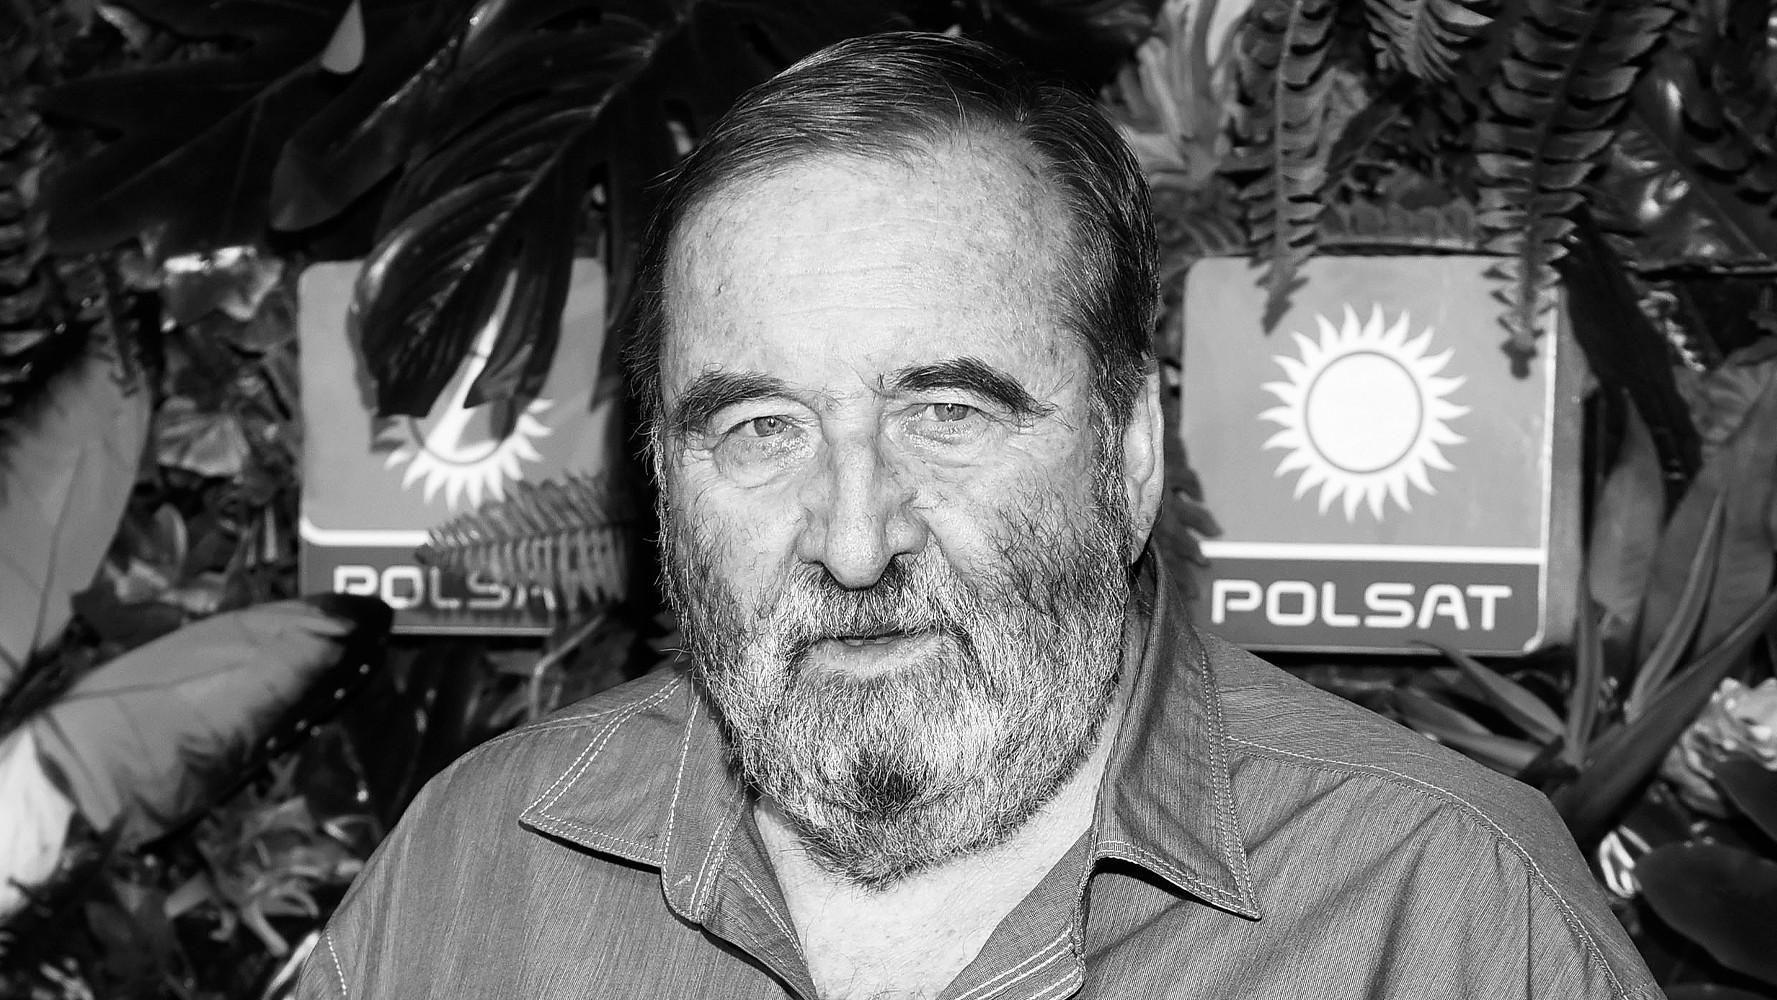 Nie żyje Krzysztof Kowalewski. Wybitny aktor miał 83 lata